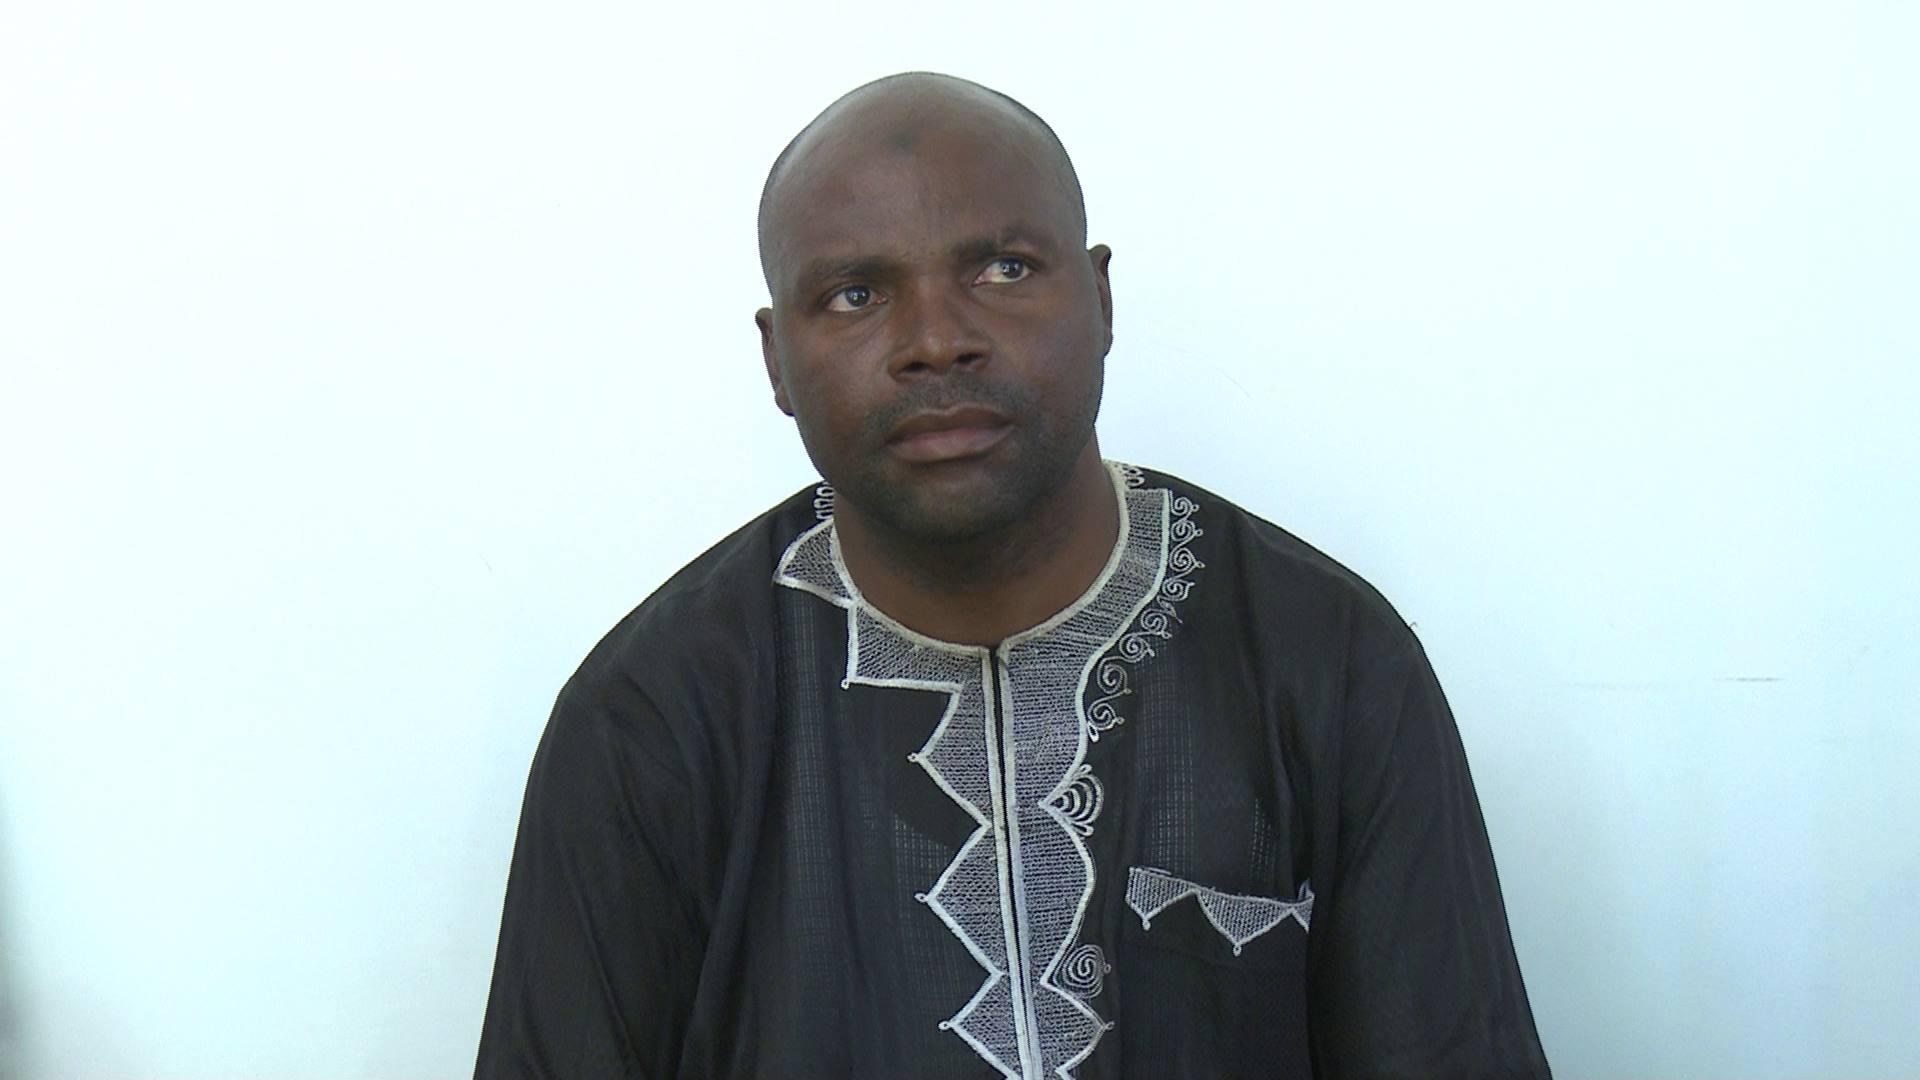 EFCC Arrests Police Officer, Fake Investigator Over Attempt to Defraud Gov. Al Makura